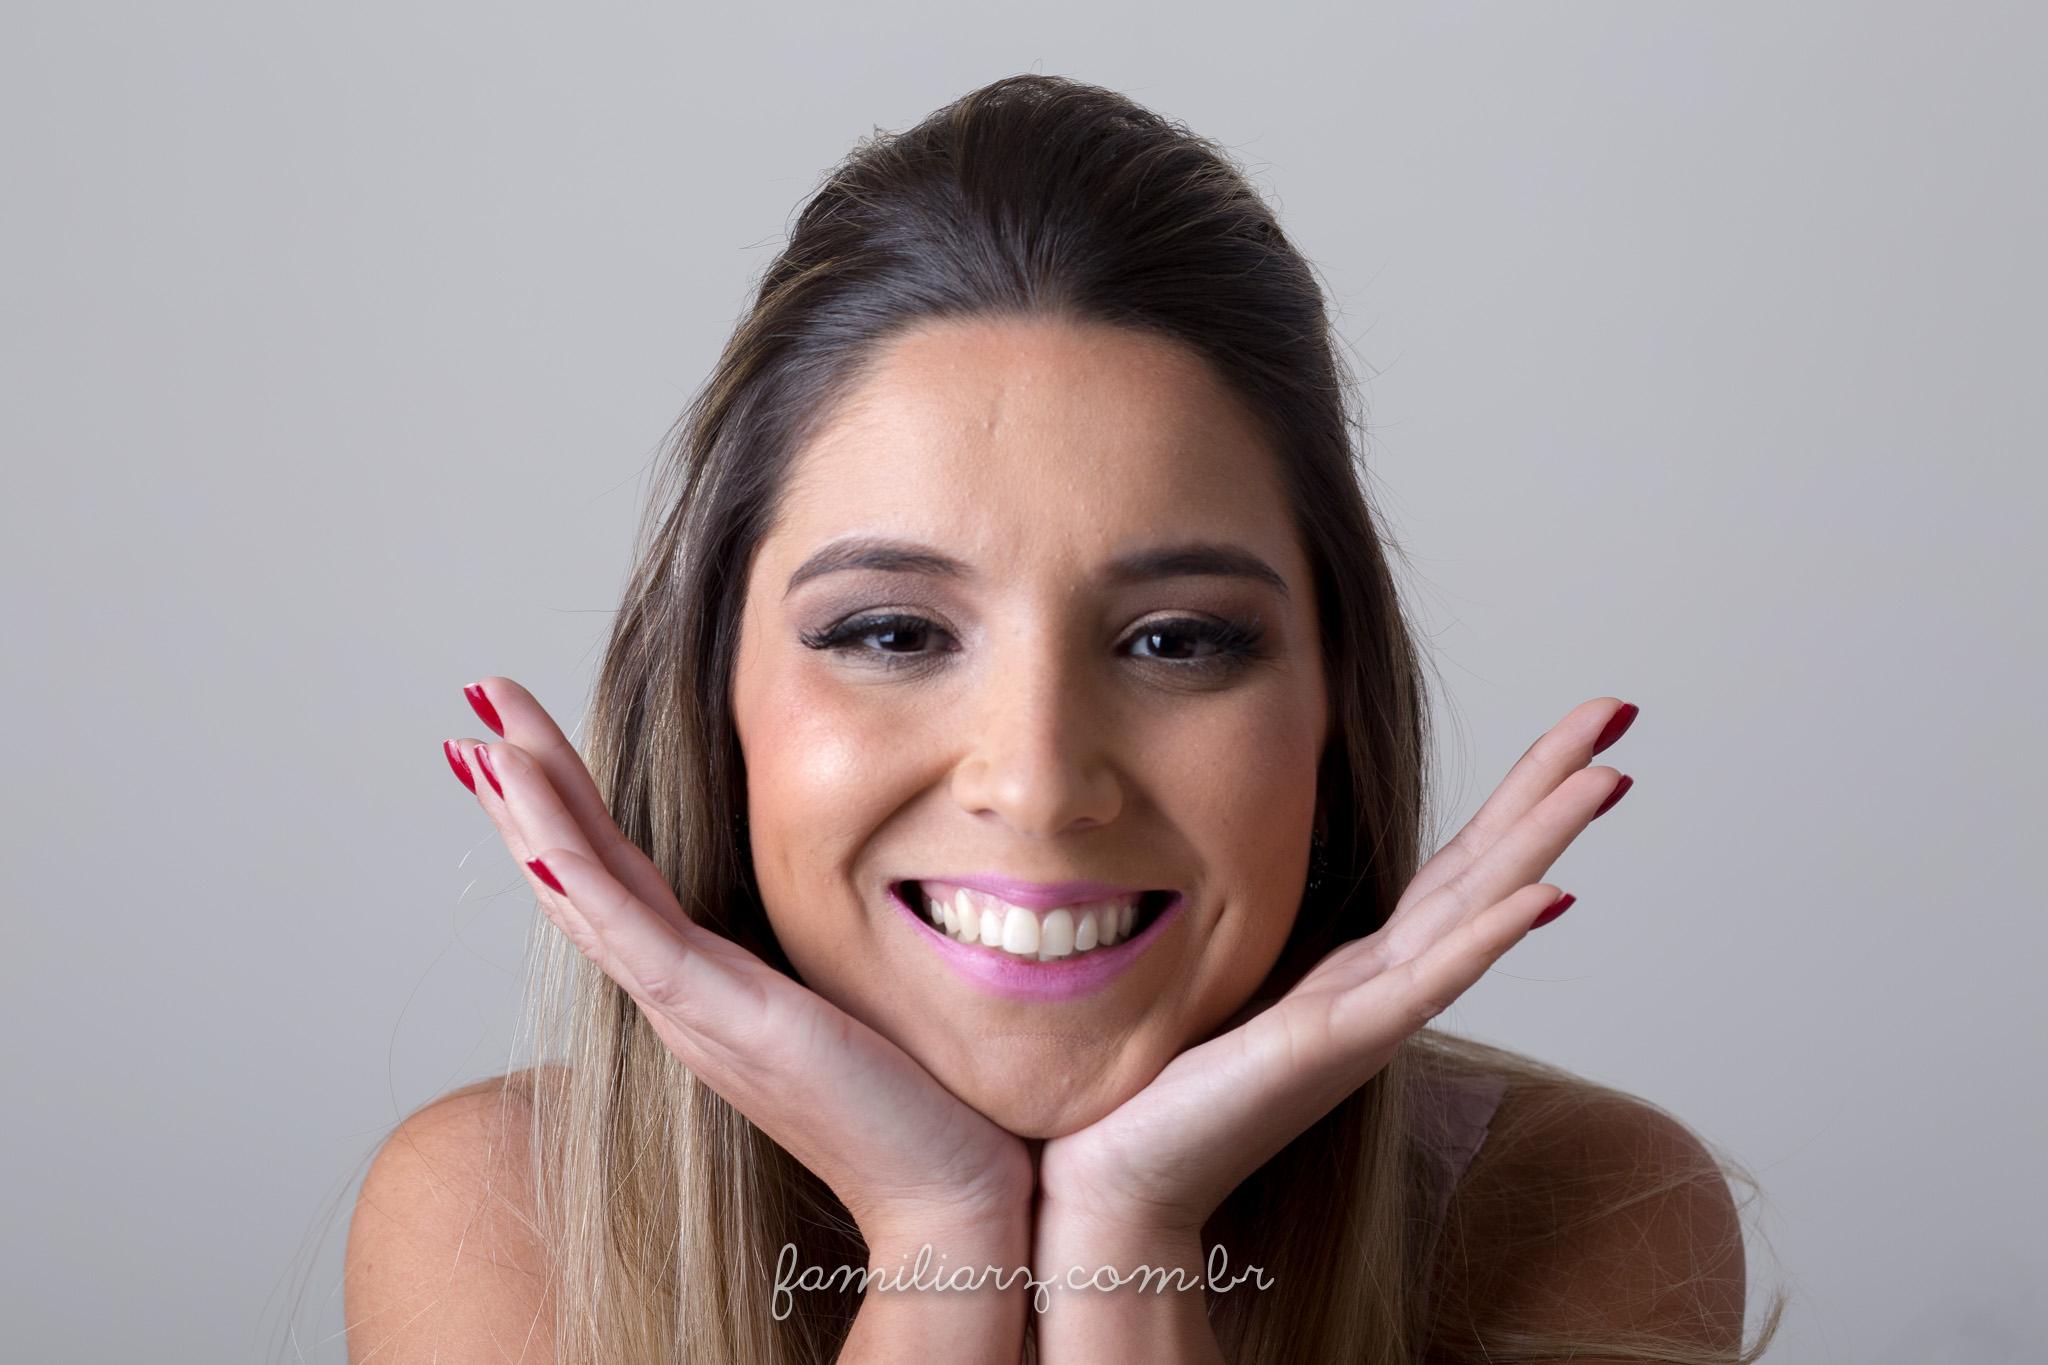 Caroline-5